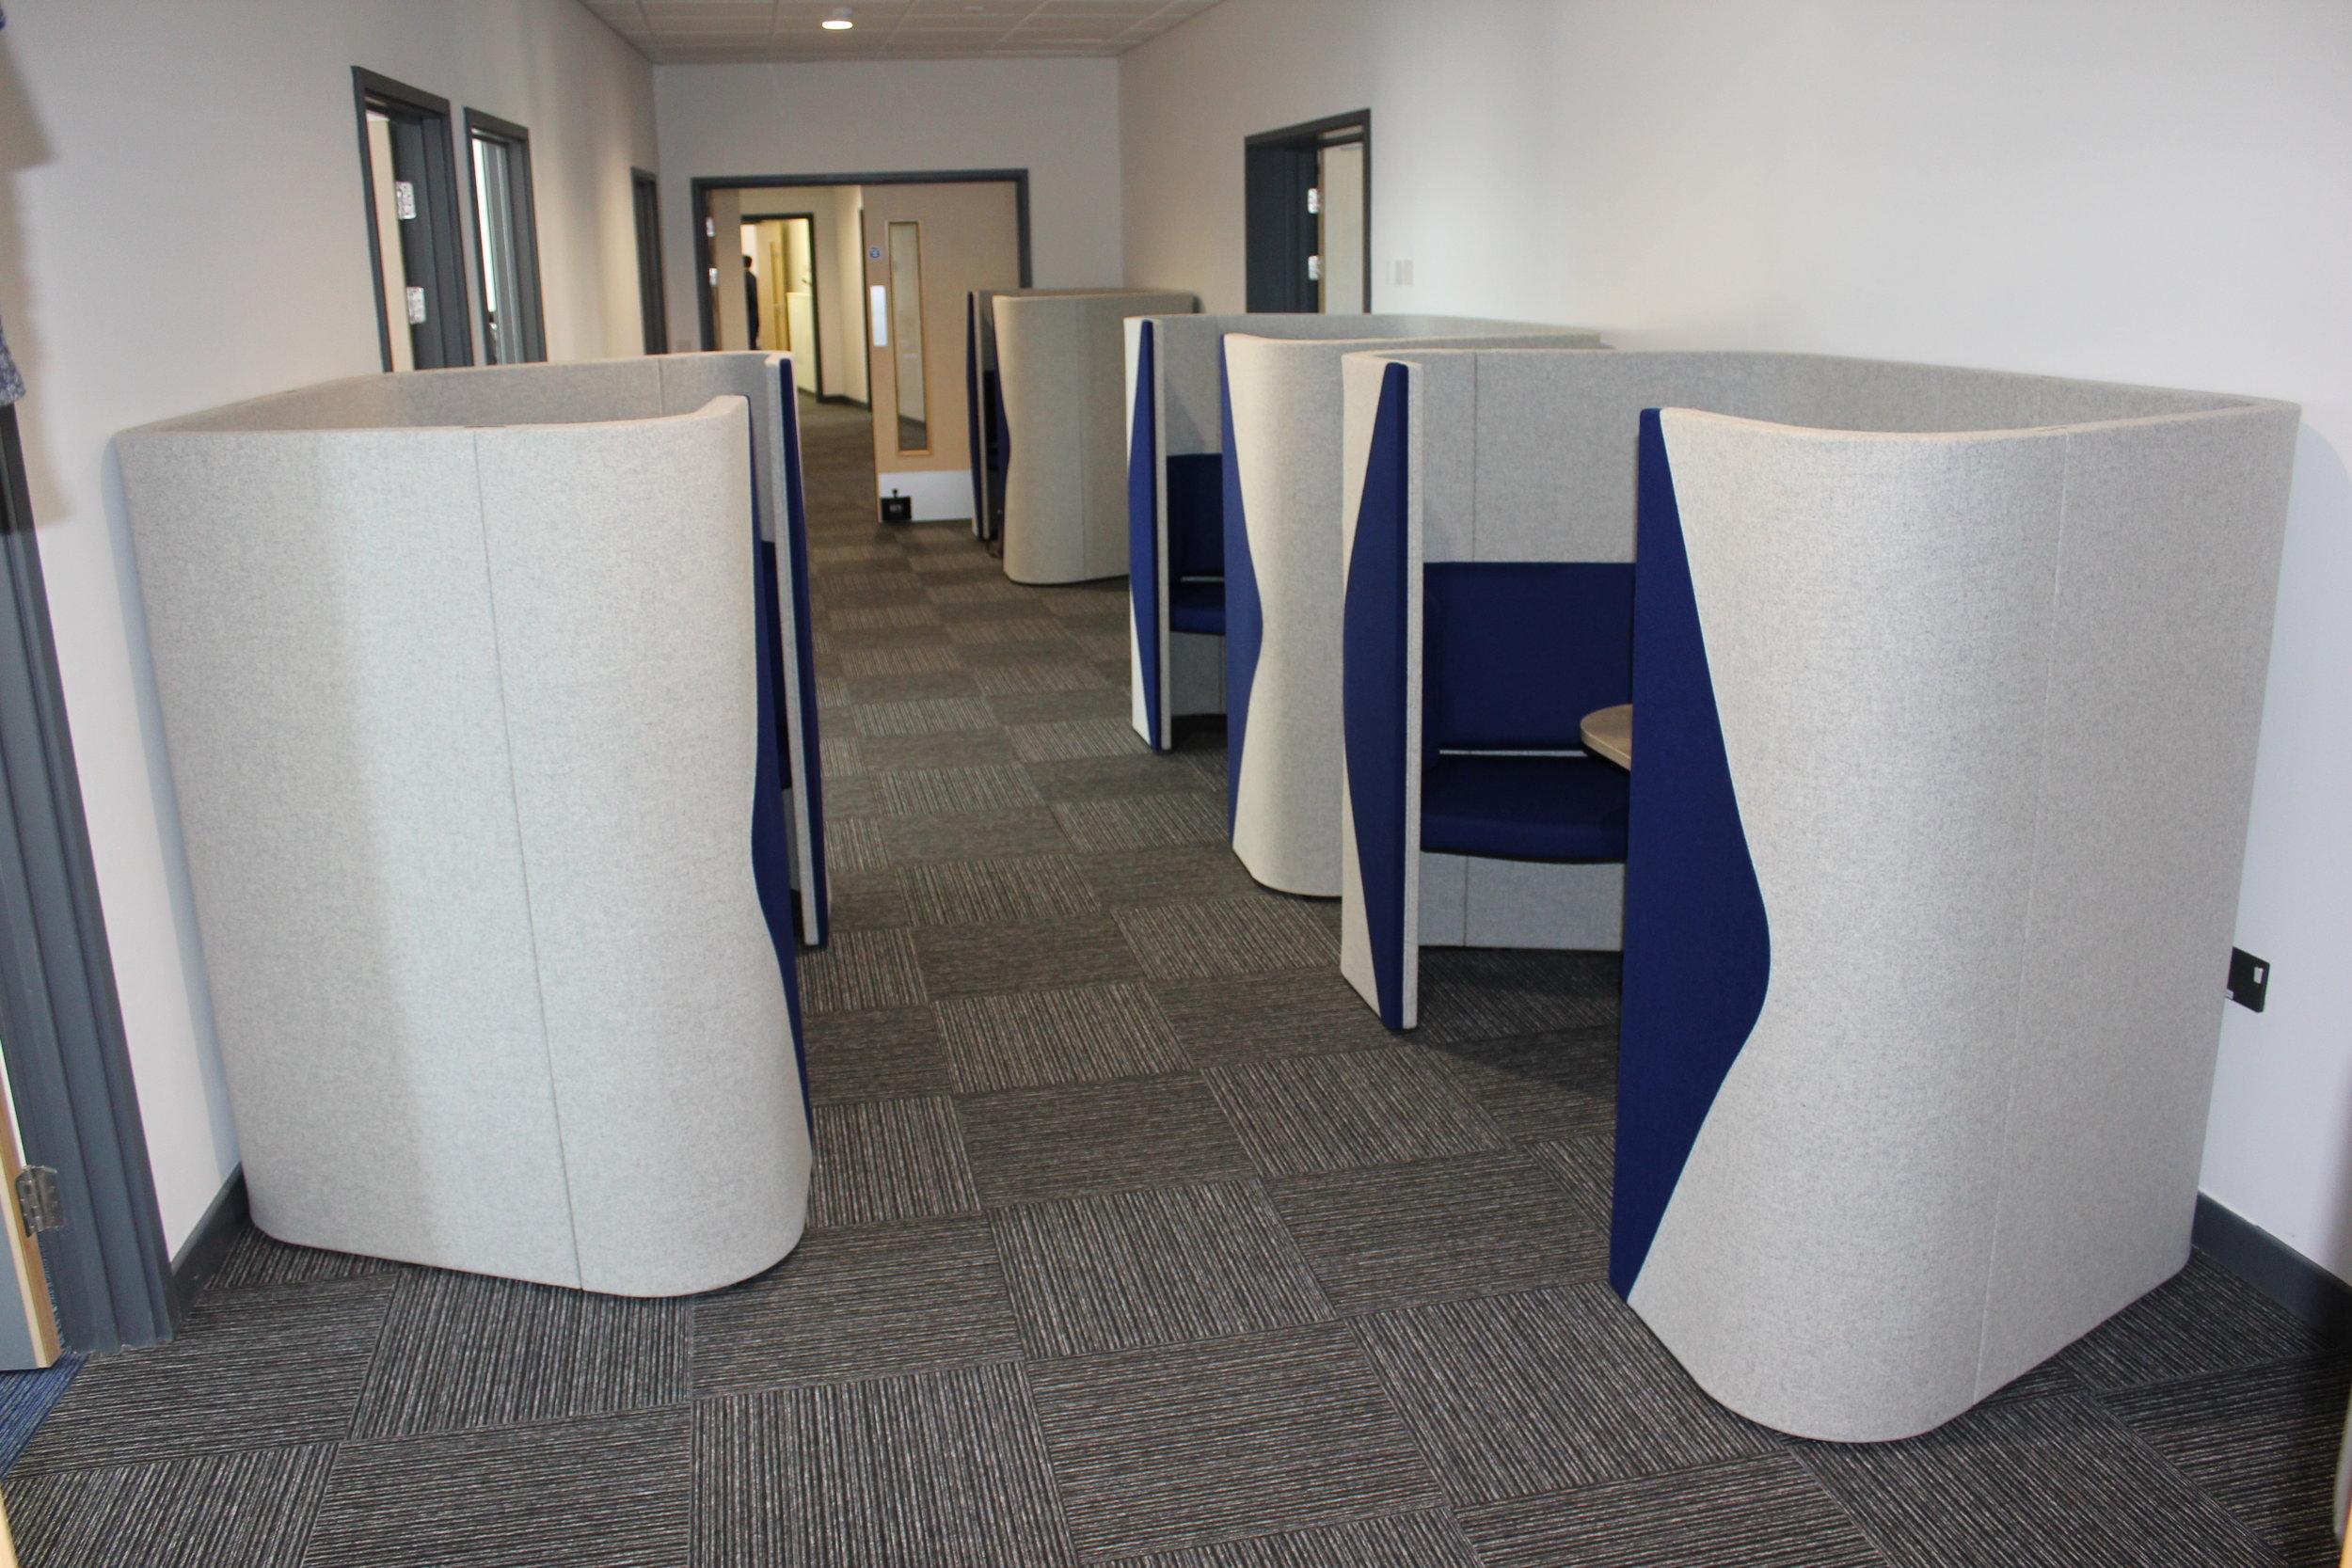 IMG_7306 Corridor Breakout Pods.JPG